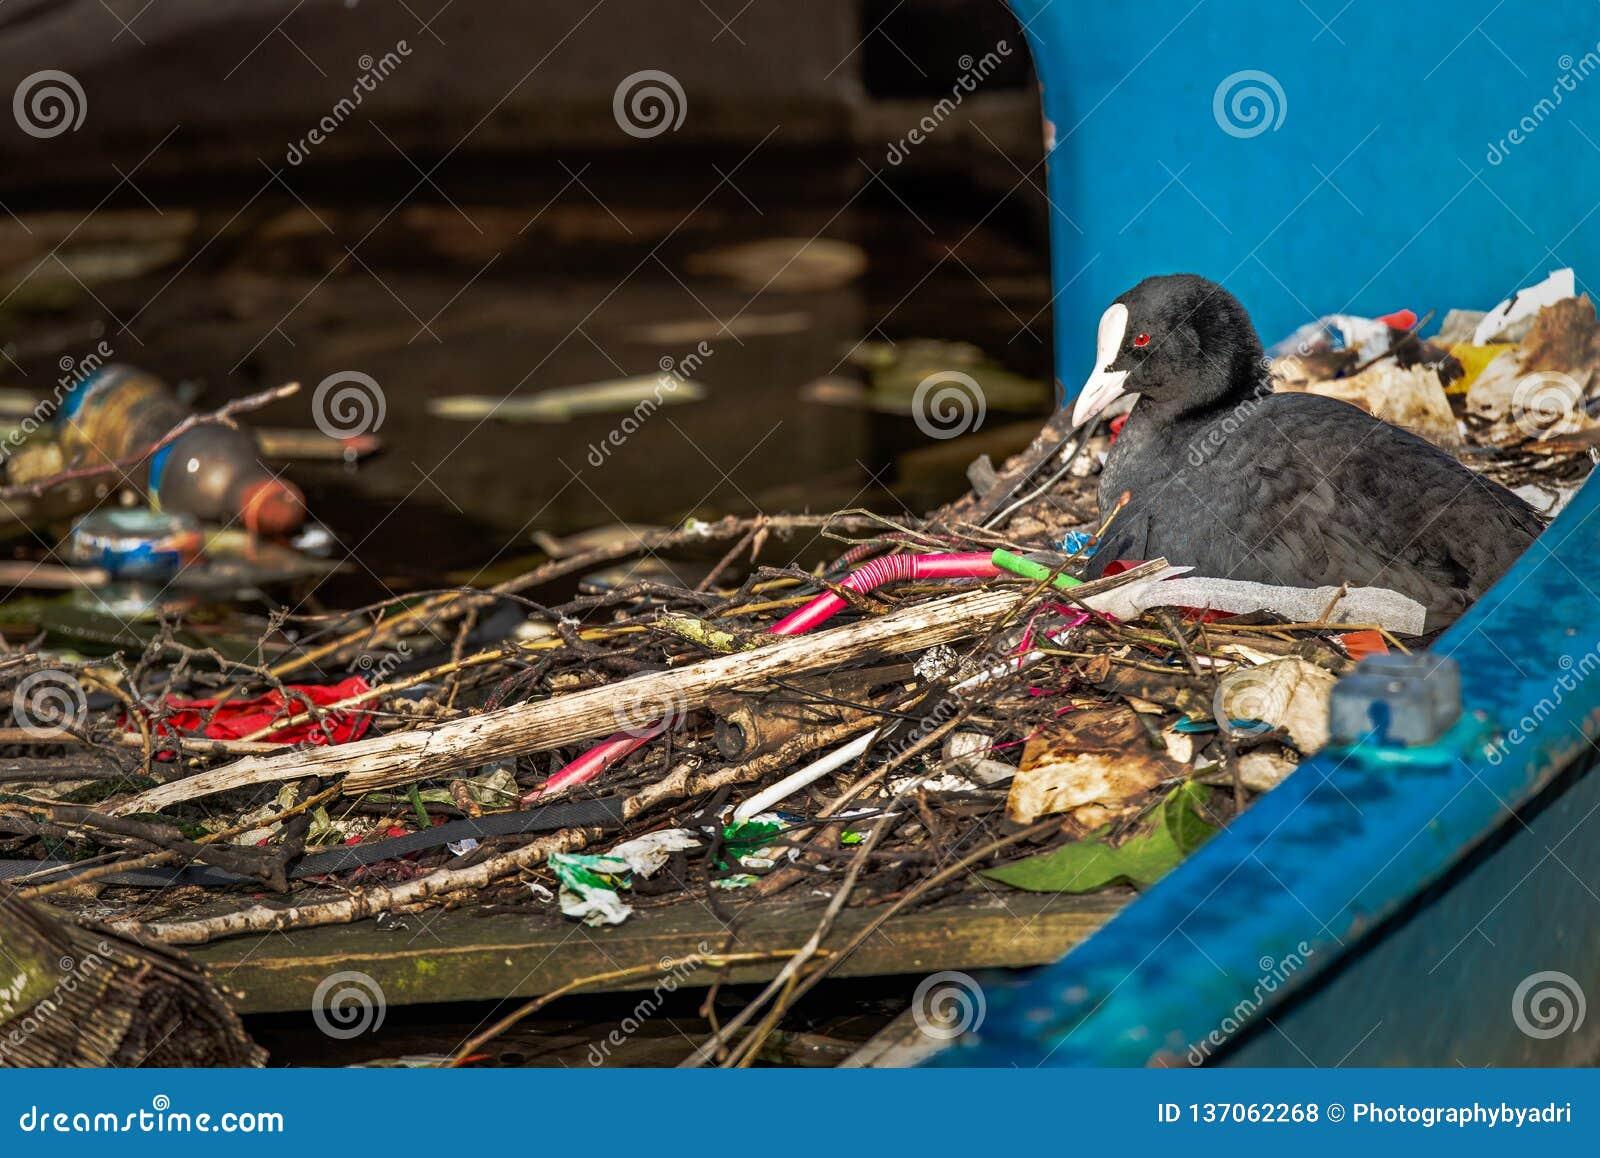 Den Eurasian sothönan sitter på ett rede som göras av ris och avfall, i ett delvist sjunkit fartyg i en Amsterdam kanal